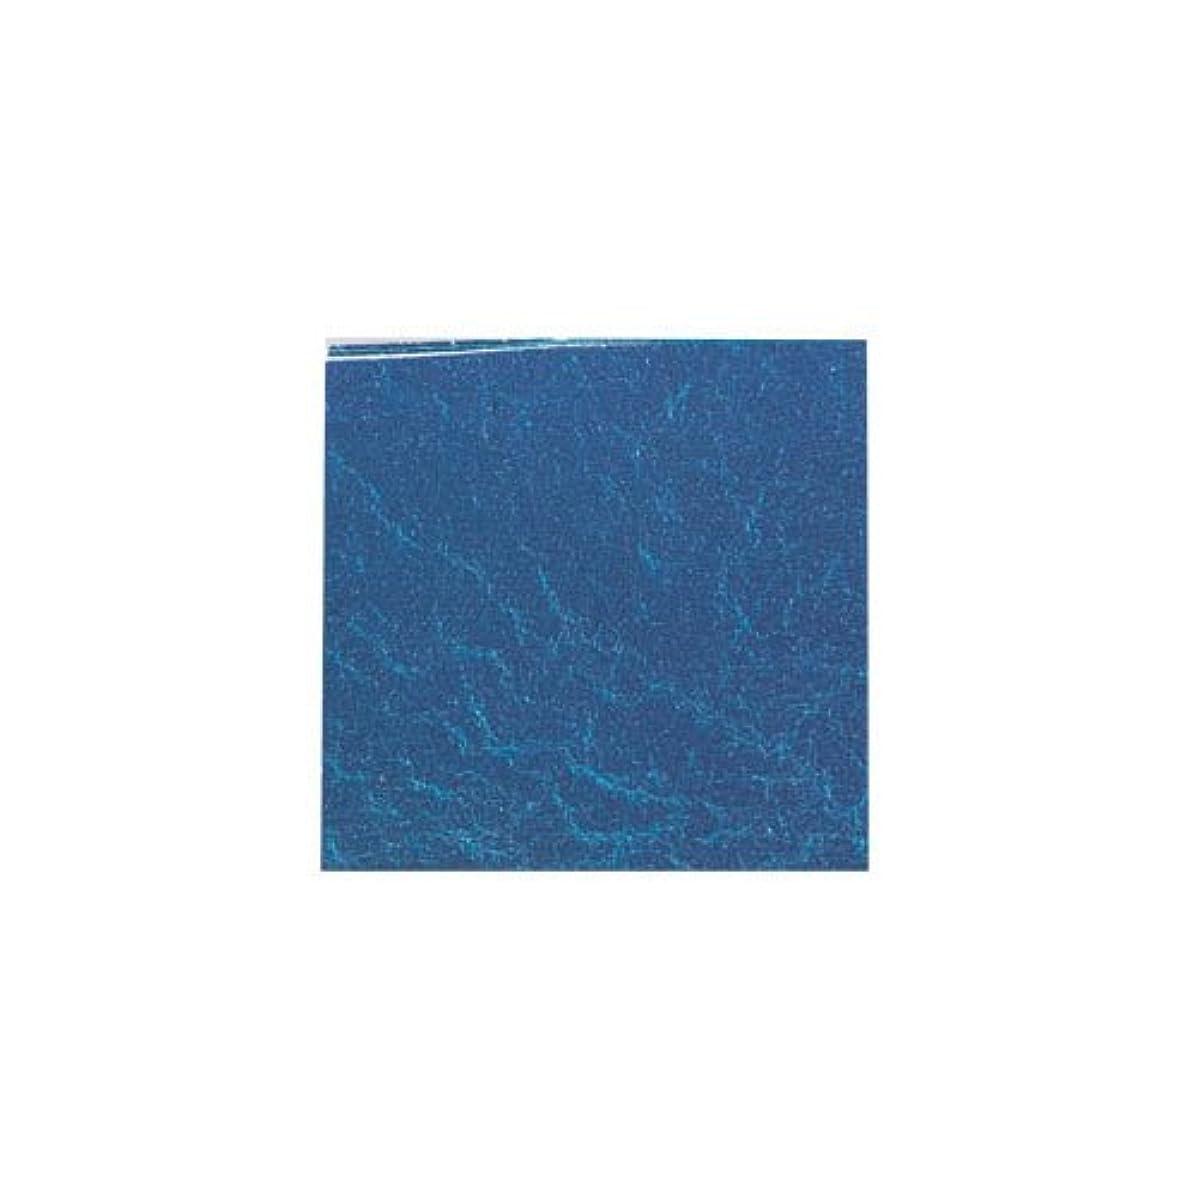 持ってる気楽な市区町村ピカエース ネイル用パウダー カラー純銀箔 #613 藍色 3.5㎜角×5枚